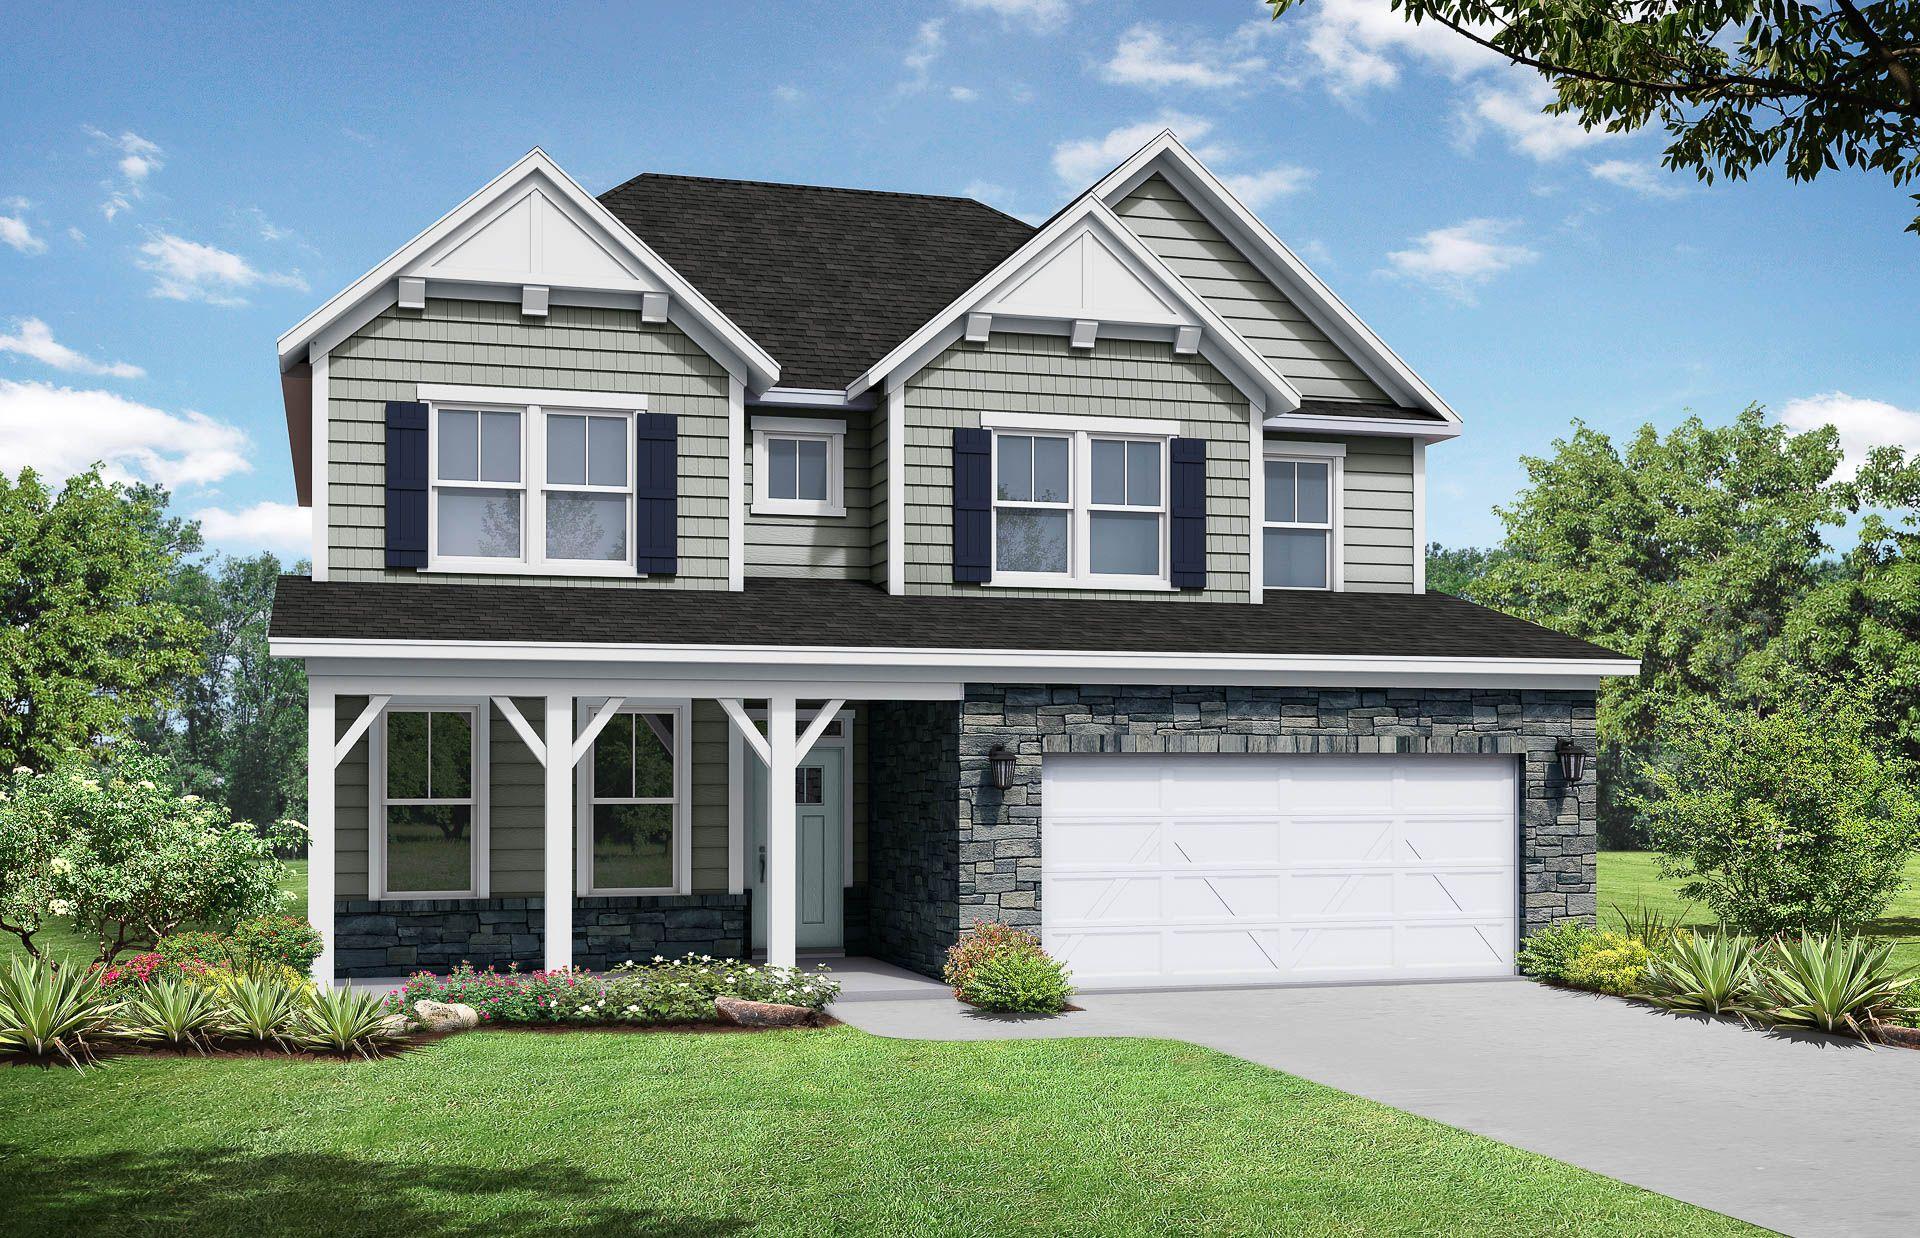 Davidson Homes The Willow D Floor Plan Exterior Rendering